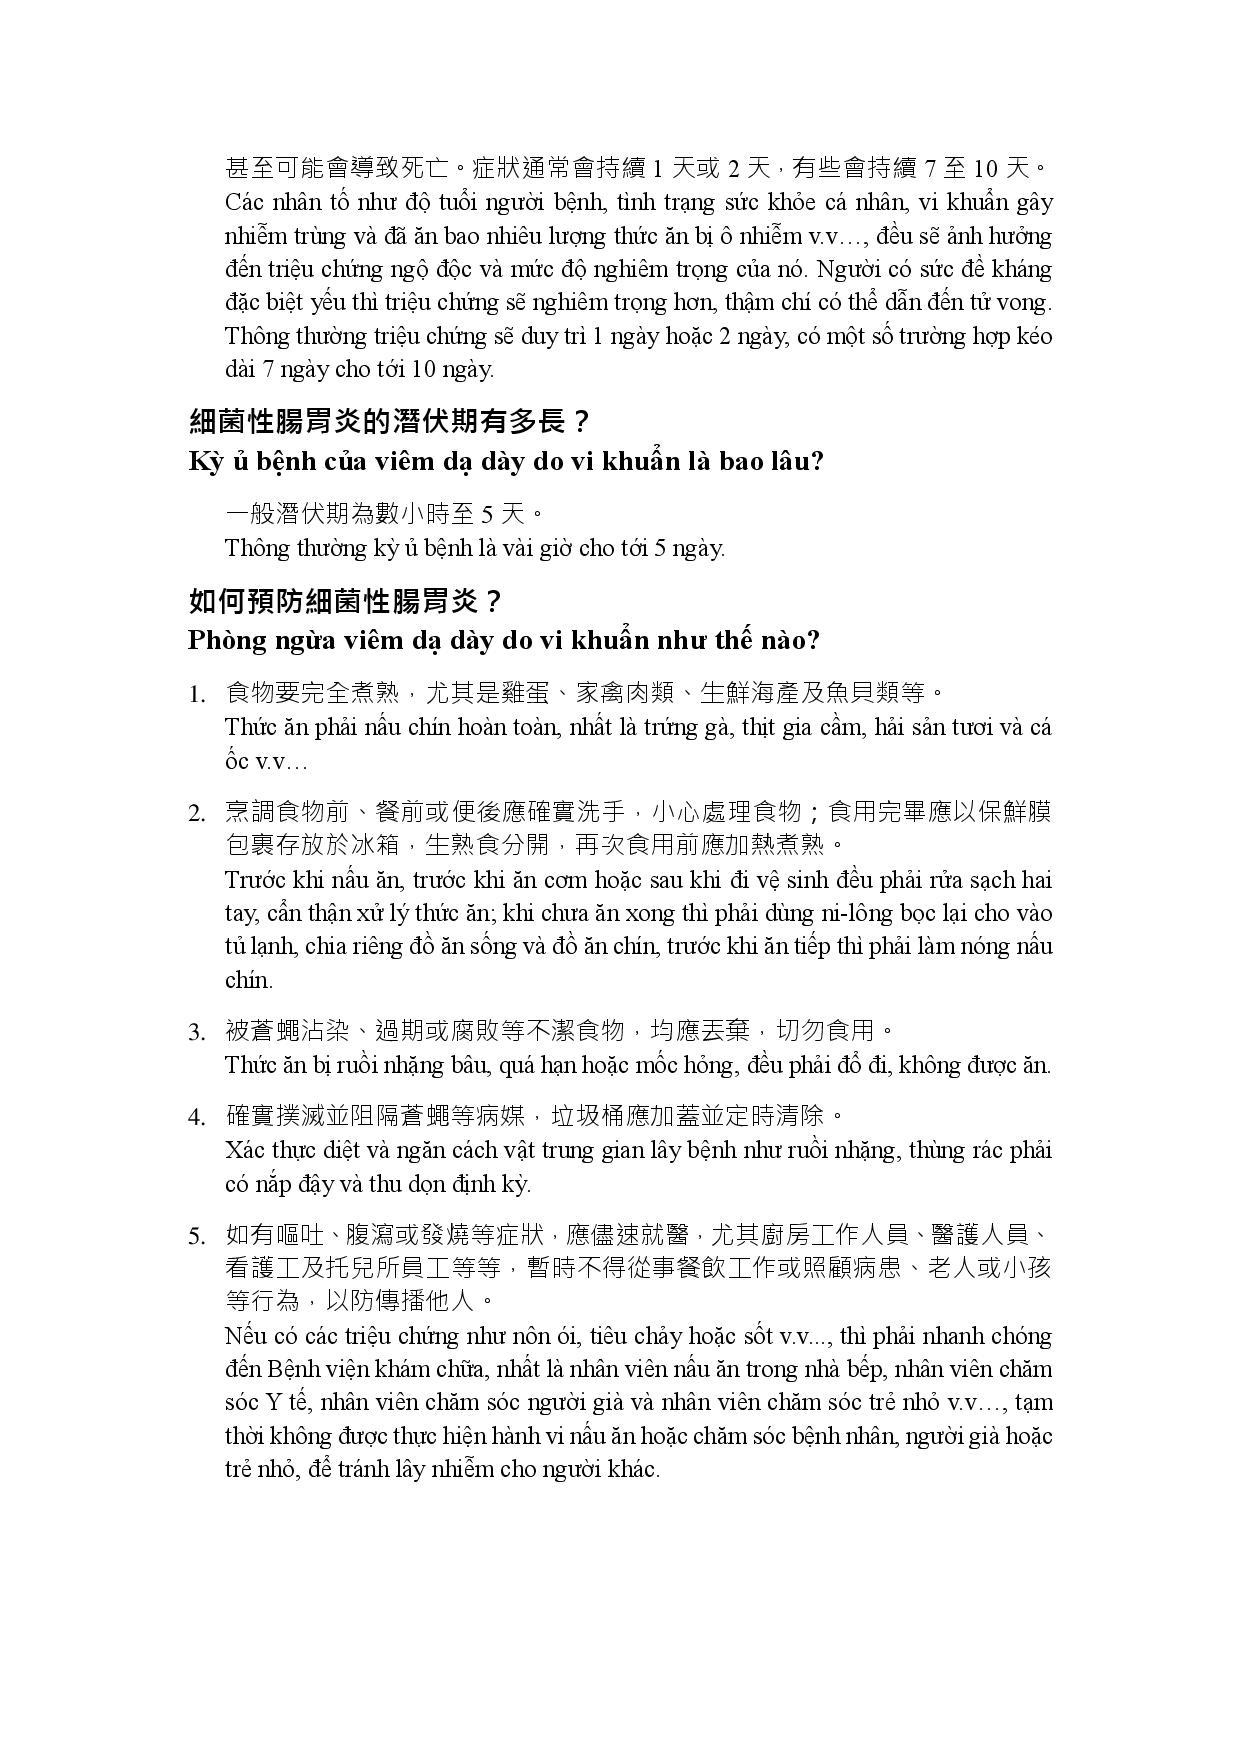 詳如附件【nhấp vào đây】Phòng ngừa viêm dạ dày do vi khuẩn(Trang 2)預防細菌性腸胃炎(越文)